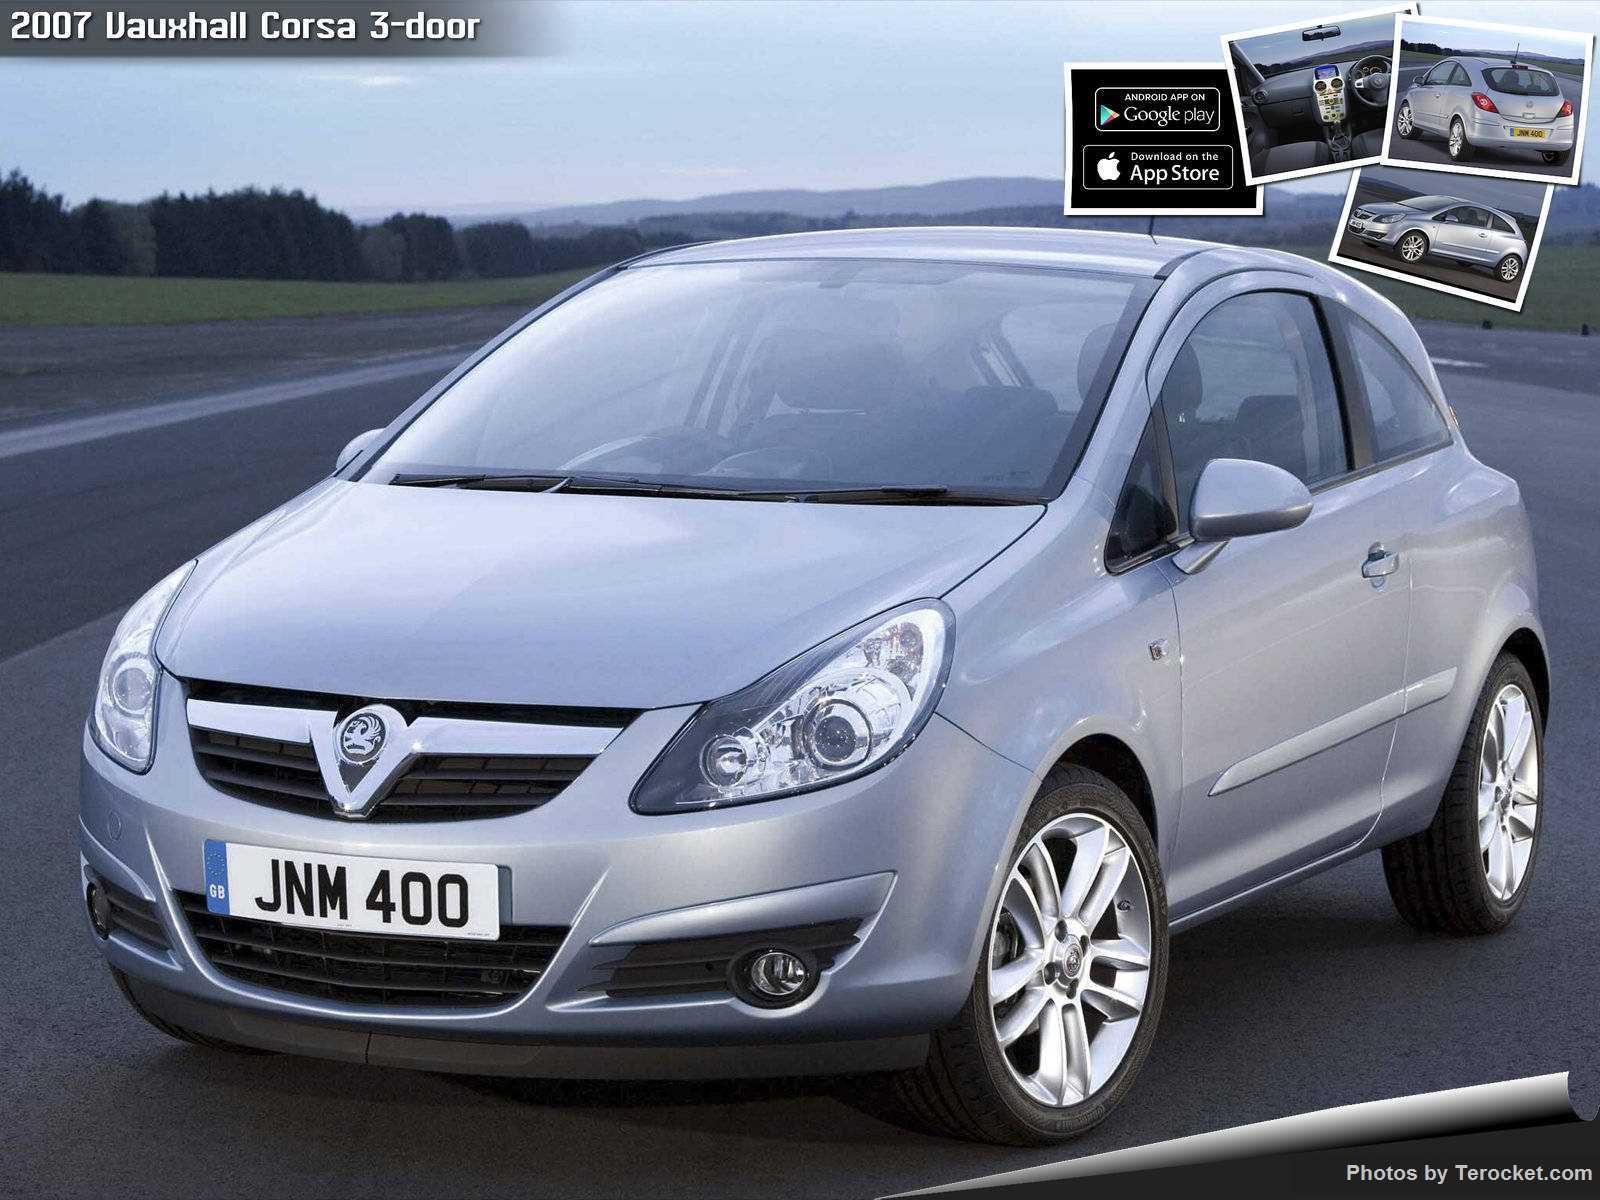 Hình ảnh xe ô tô Vauxhall Corsa 3-door 2007 & nội ngoại thất